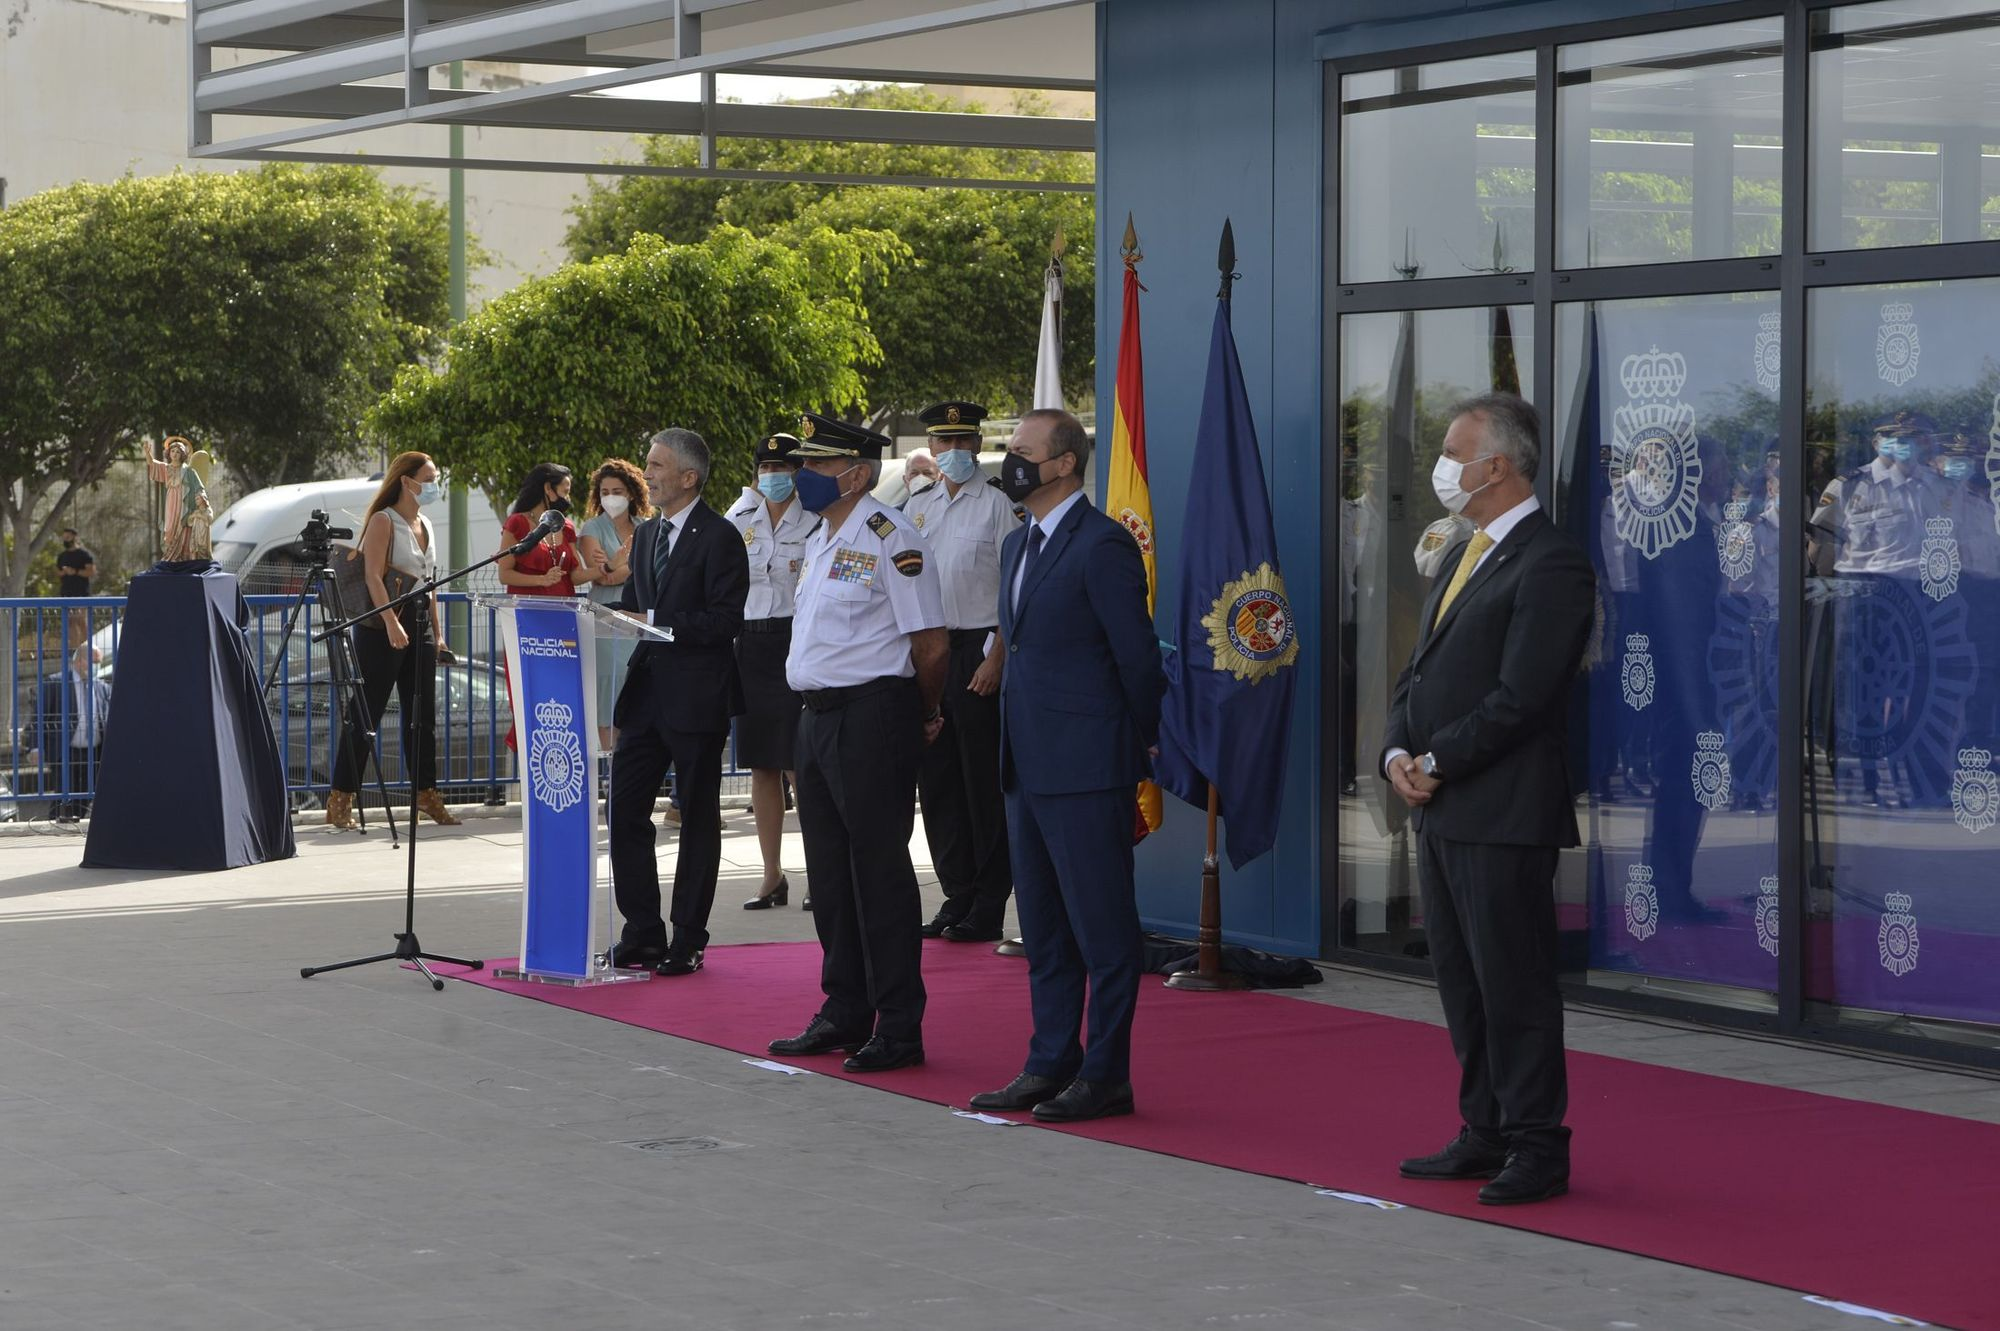 Inauguración de la comisaría de Distrito Centro de la Policía Nacional en Las Palmas